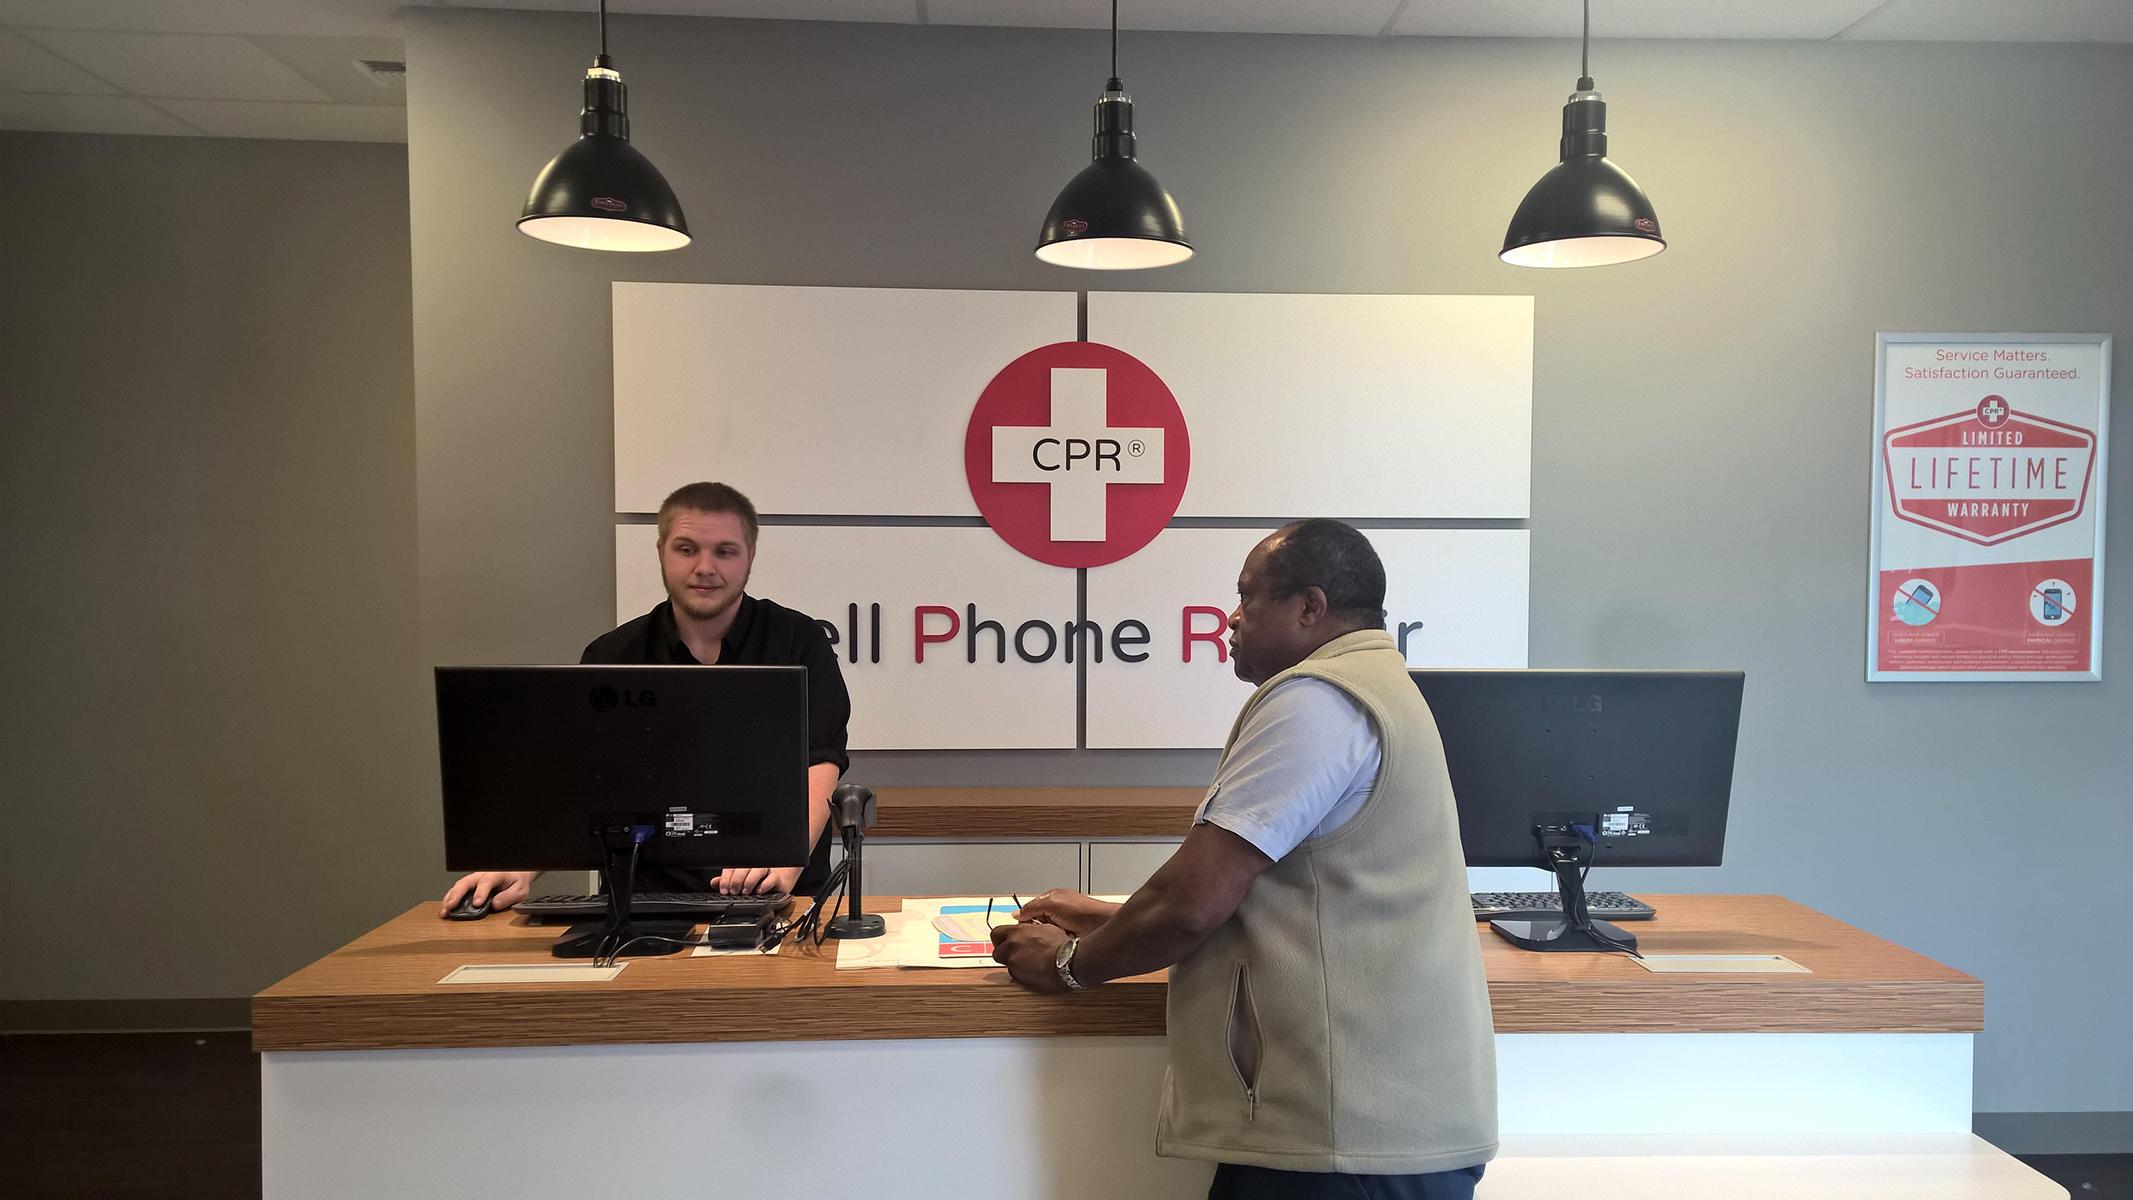 Iphone Repair Everett Wa